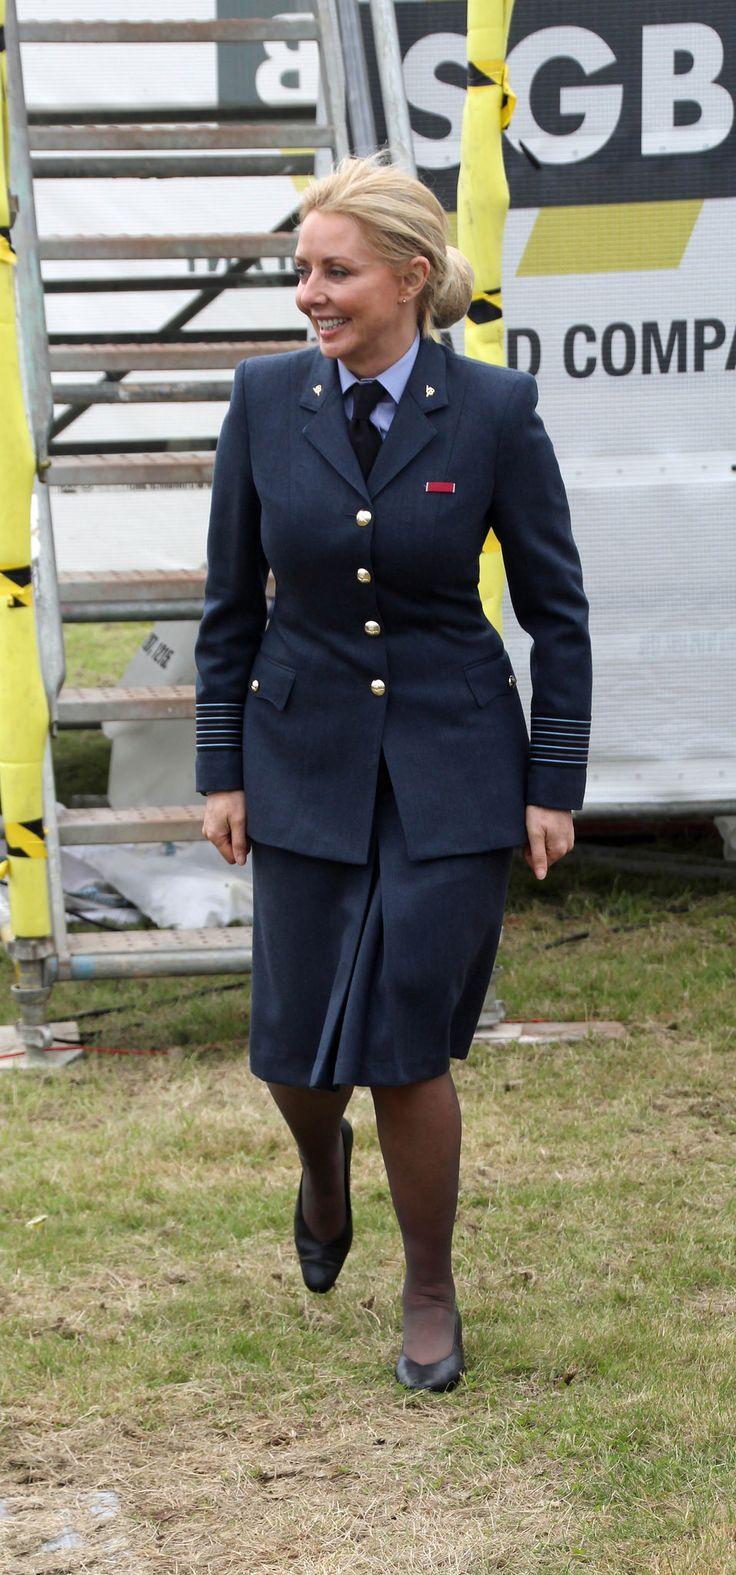 https://flic.kr/p/JeNawv | Carol Vorderman | RAF Cosford Air Show